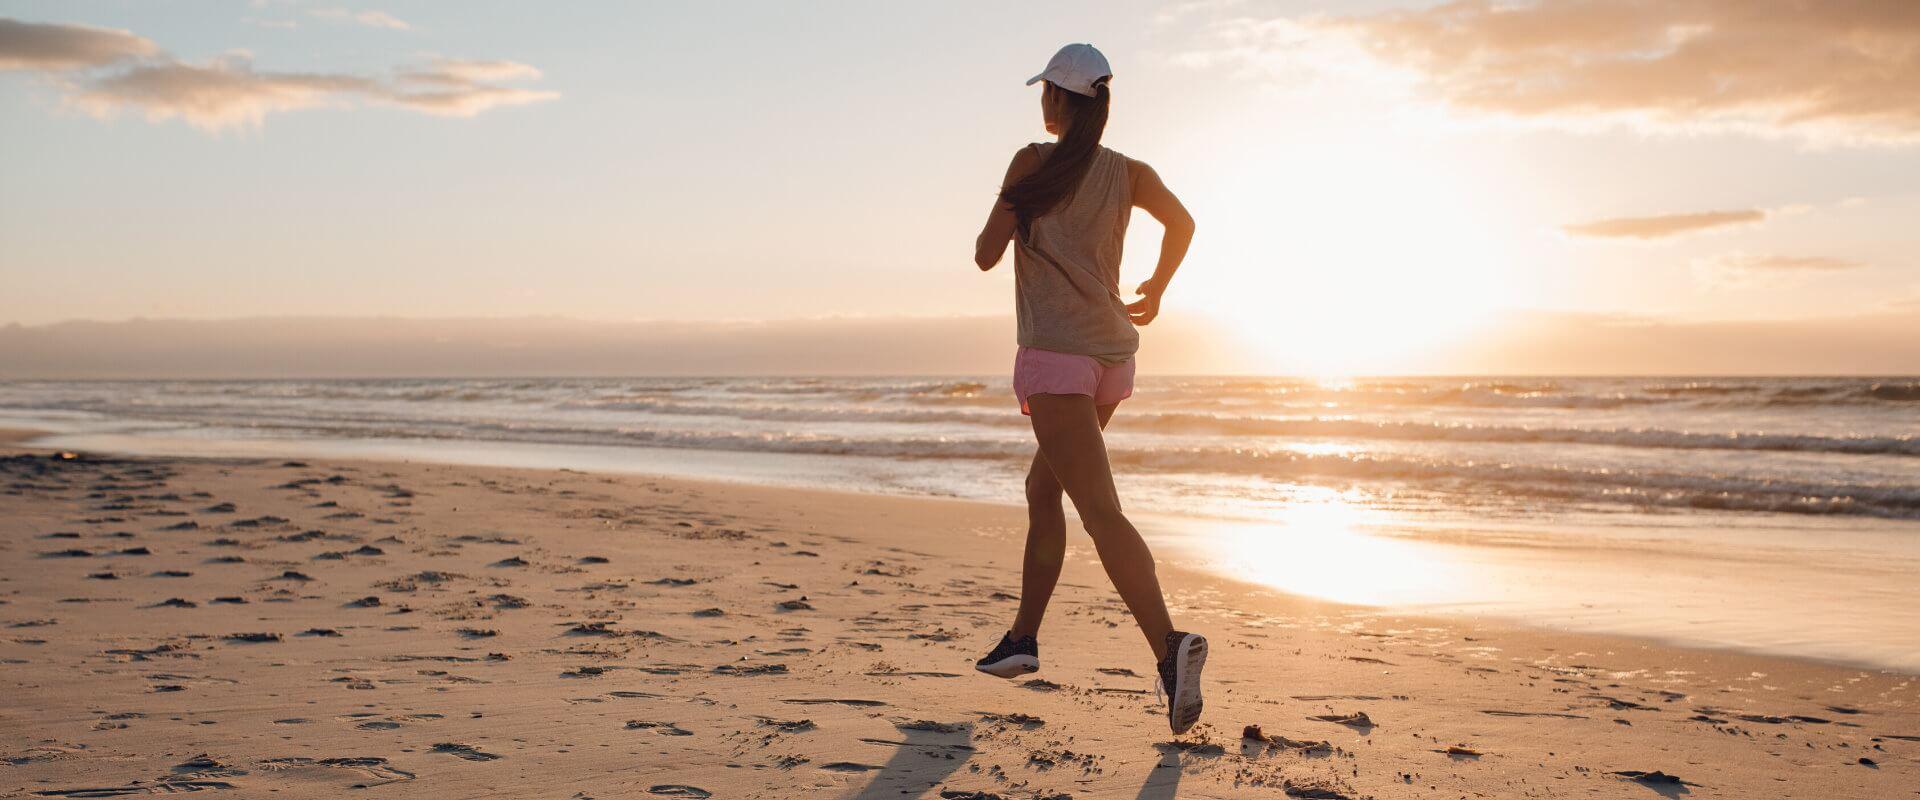 Warum Abnehmen im Urlaub leichter ist